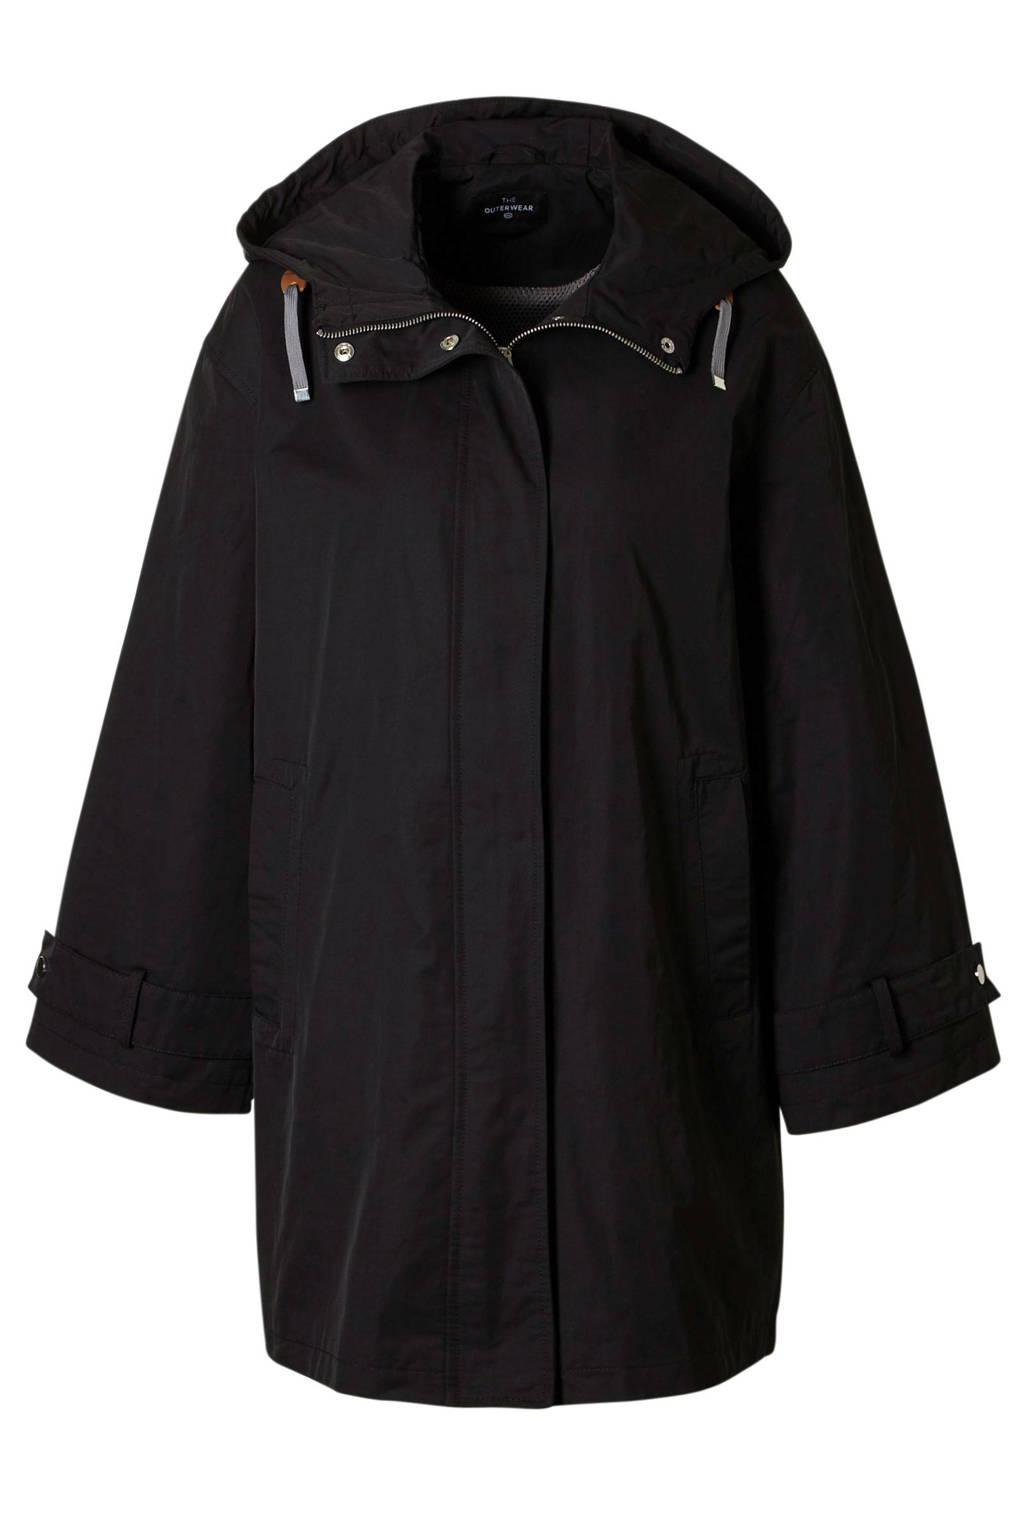 C&A The Outerwear jas zwart, Zwart